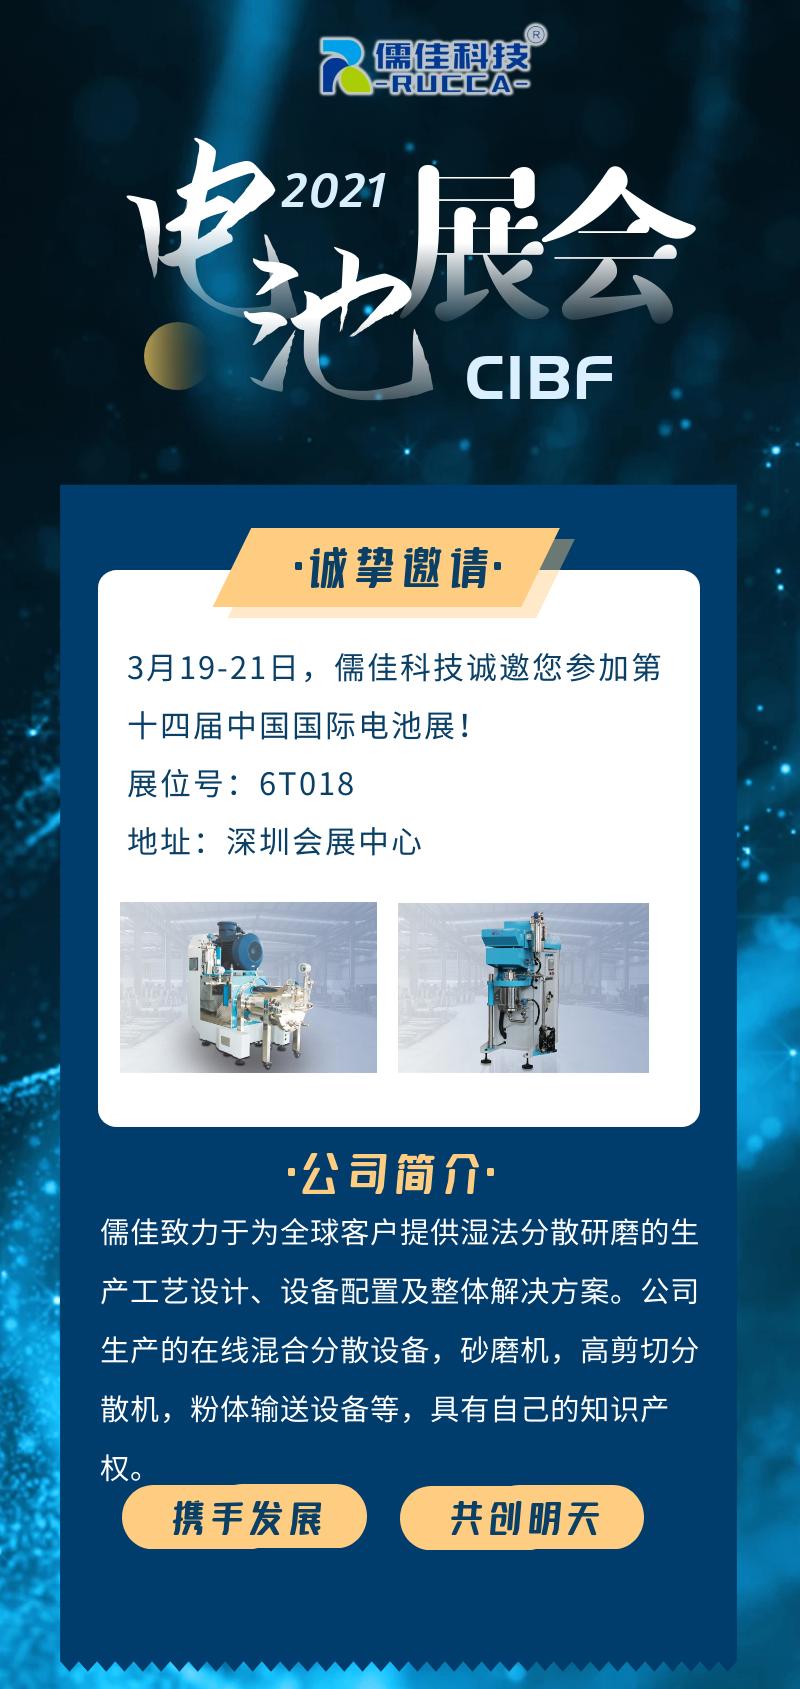 儒佳2021电池展会